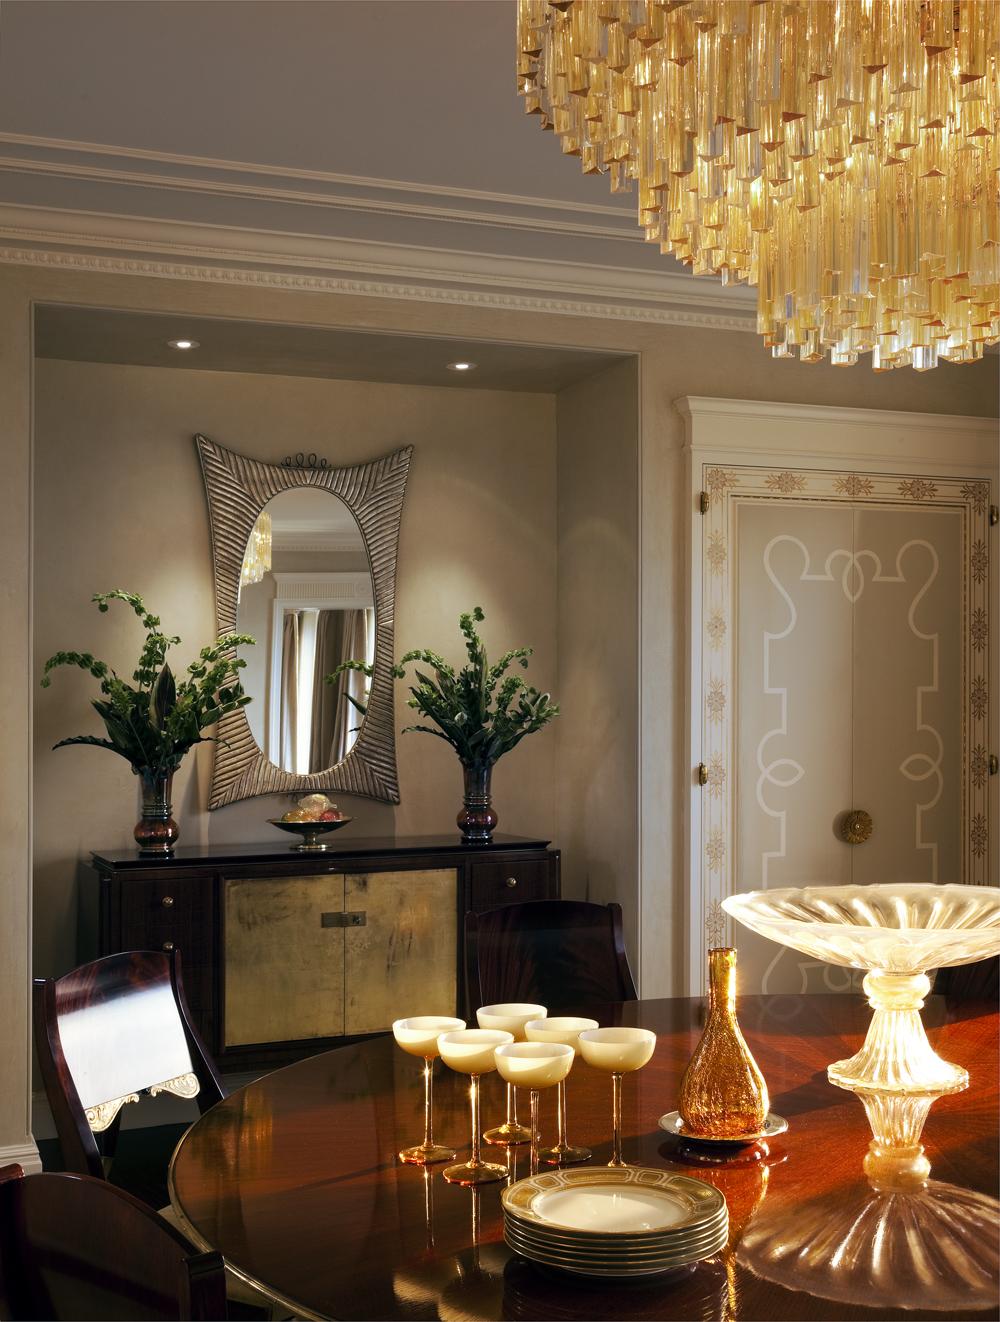 LSI-web-fifth-ave-interior-dining-room-2.jpg